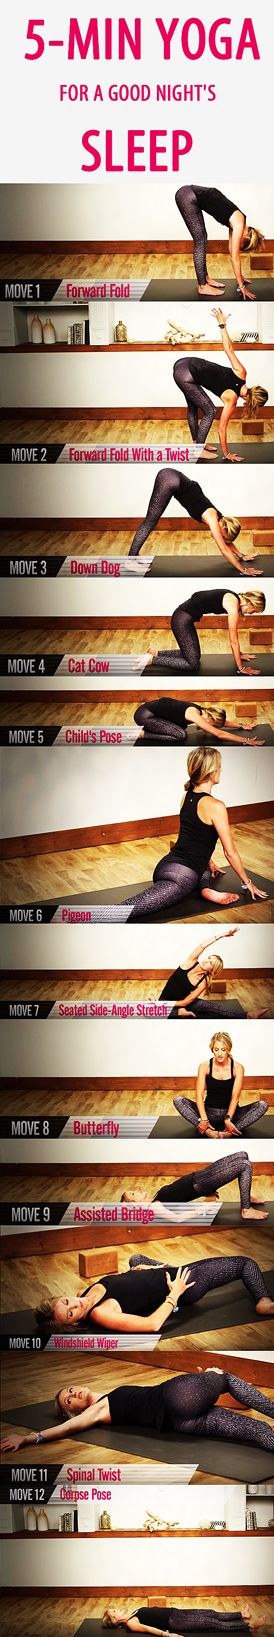 Yoga oef voor t slapen gaan